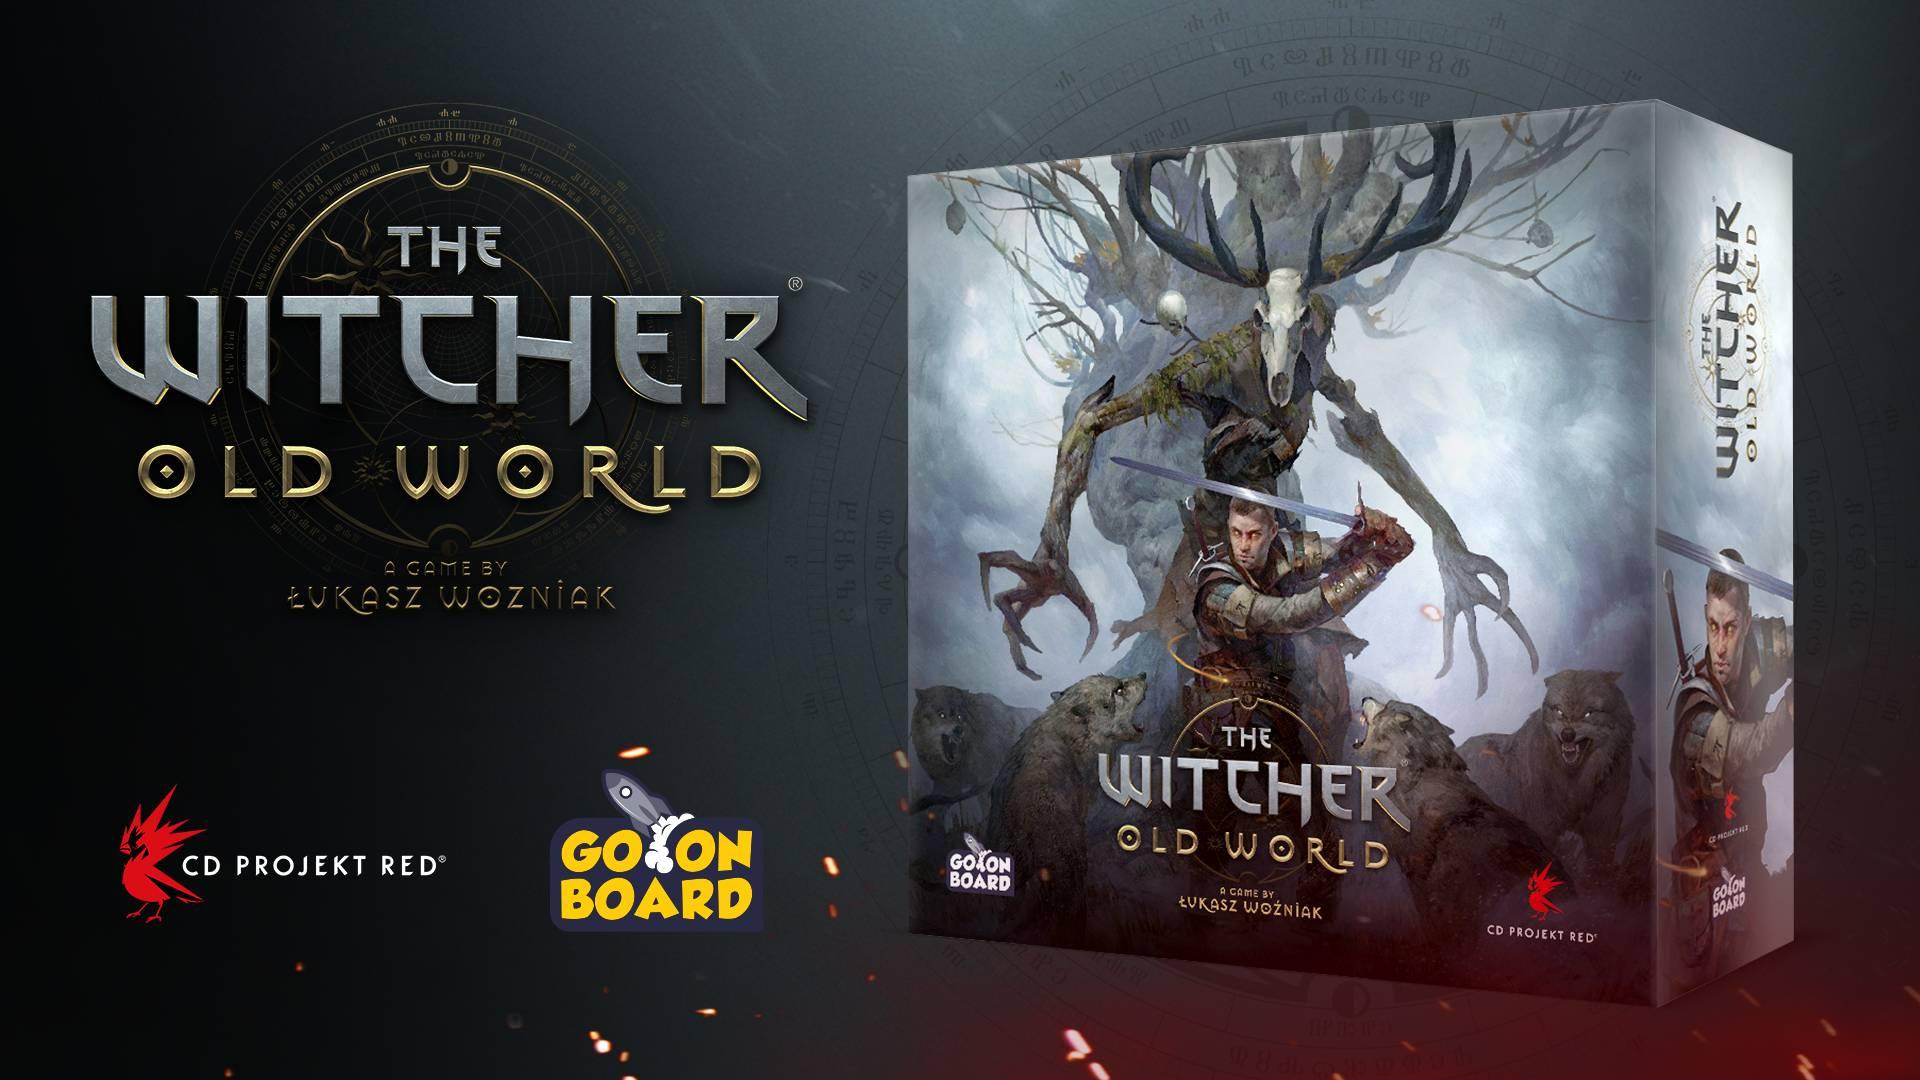 """Hot như The Witcher: Gọi vốn """"sương sương"""" 300.000 USD để làm boardgame, thu về hơn 3 triệu USD chỉ sau 2 ngày - Ảnh 2."""